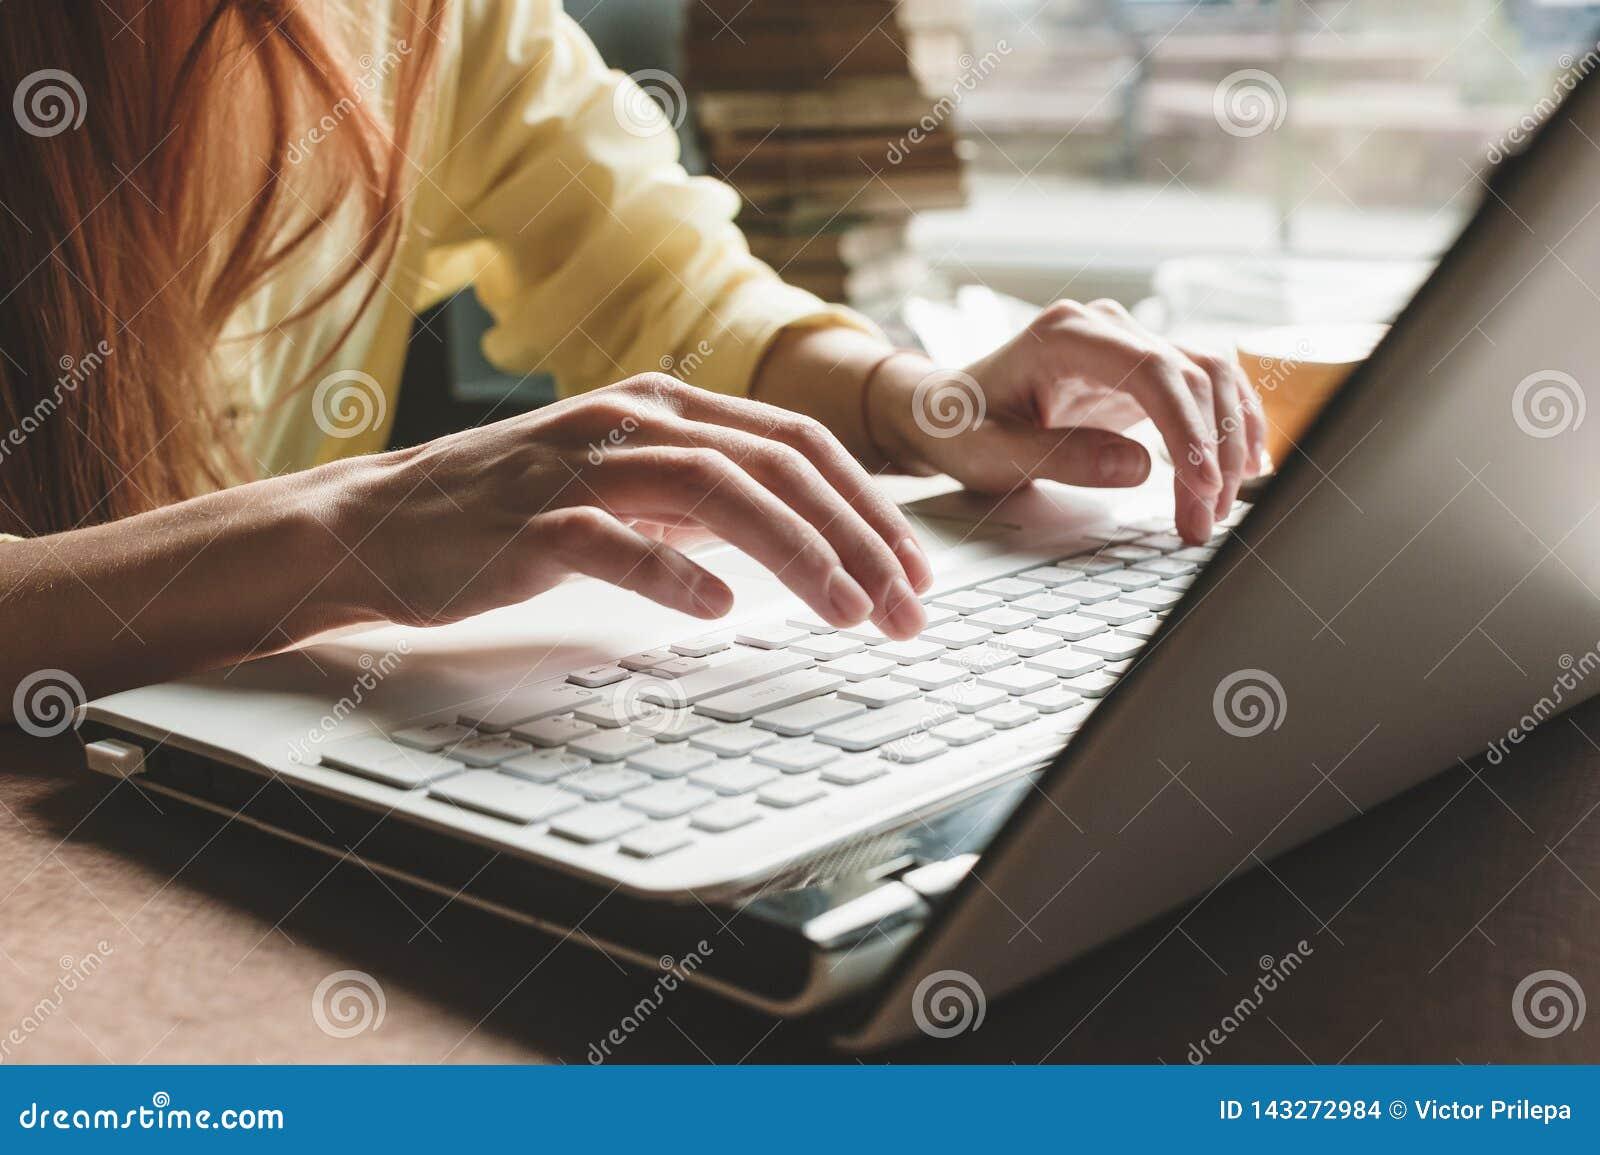 Dziewczyna druki na białym komputerze Zbliżenie ręki na klawiaturze komputer